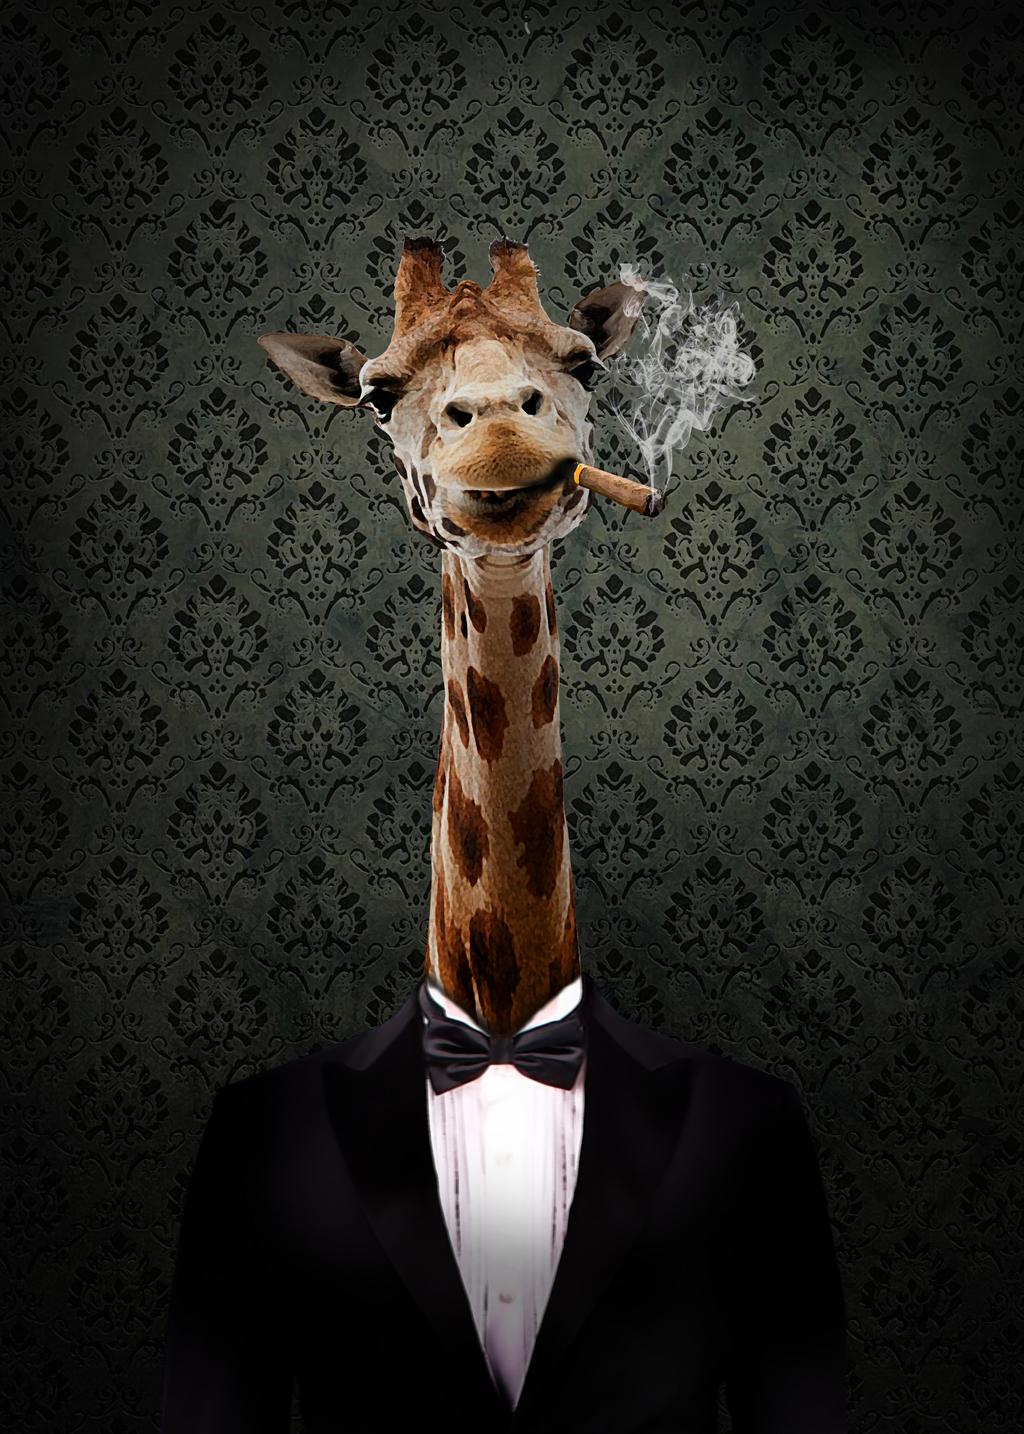 Animal Portrait 1 via Opel Mendoza